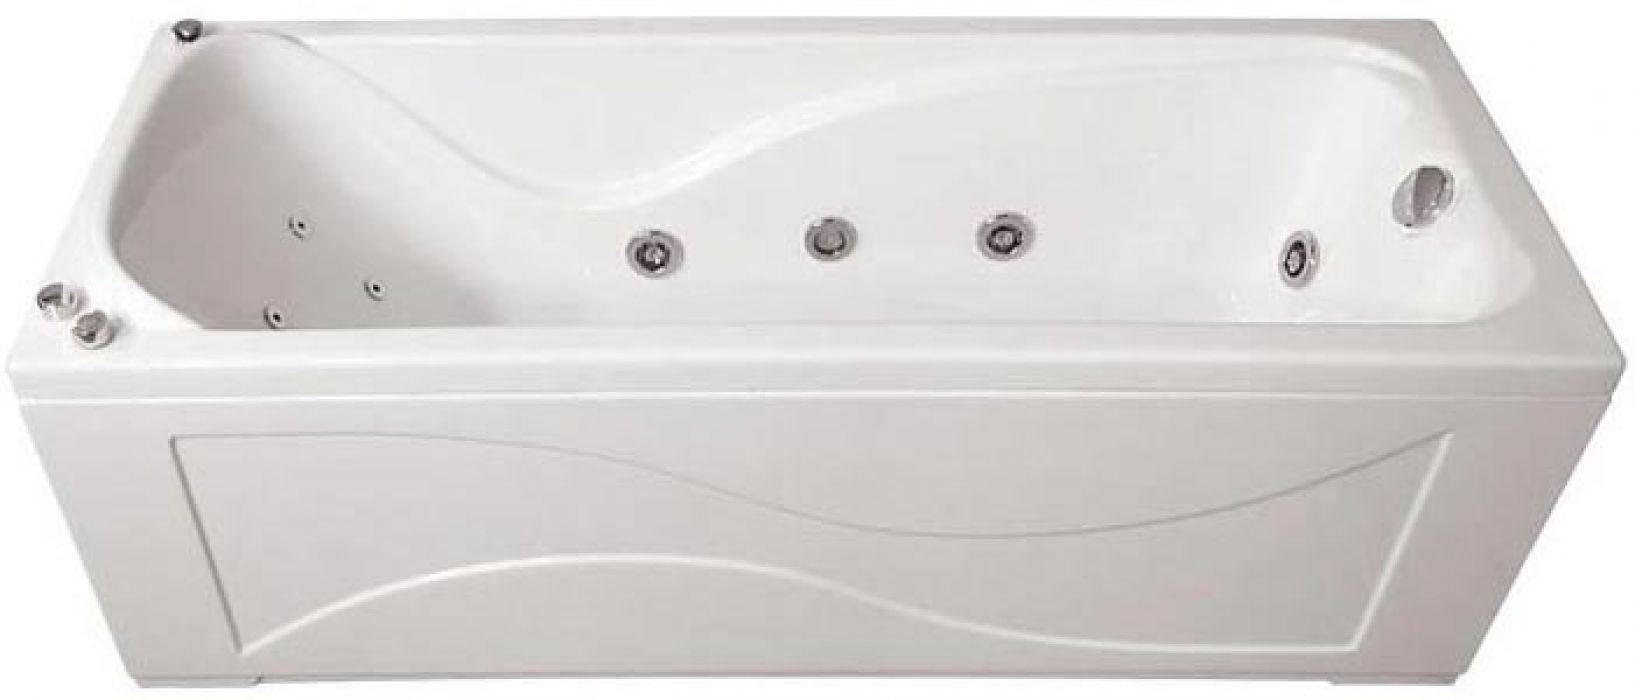 Ванна акриловая «Катрин» без гидромассажа 169*70 ТР